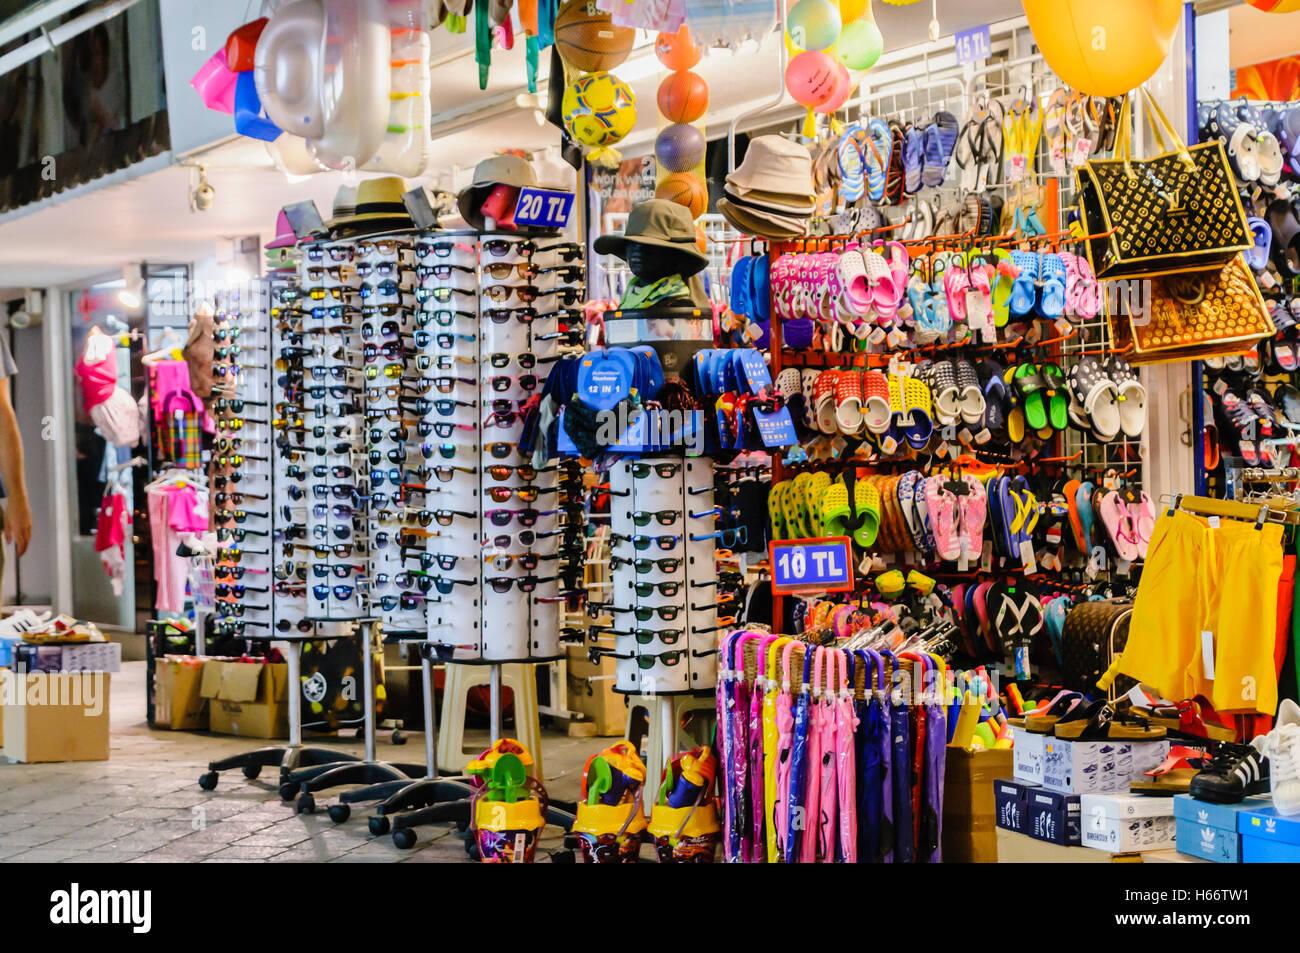 FethiyeTurquie Souvenirs Marché De À Fausses Boutique Vendant nwON8XZk0P